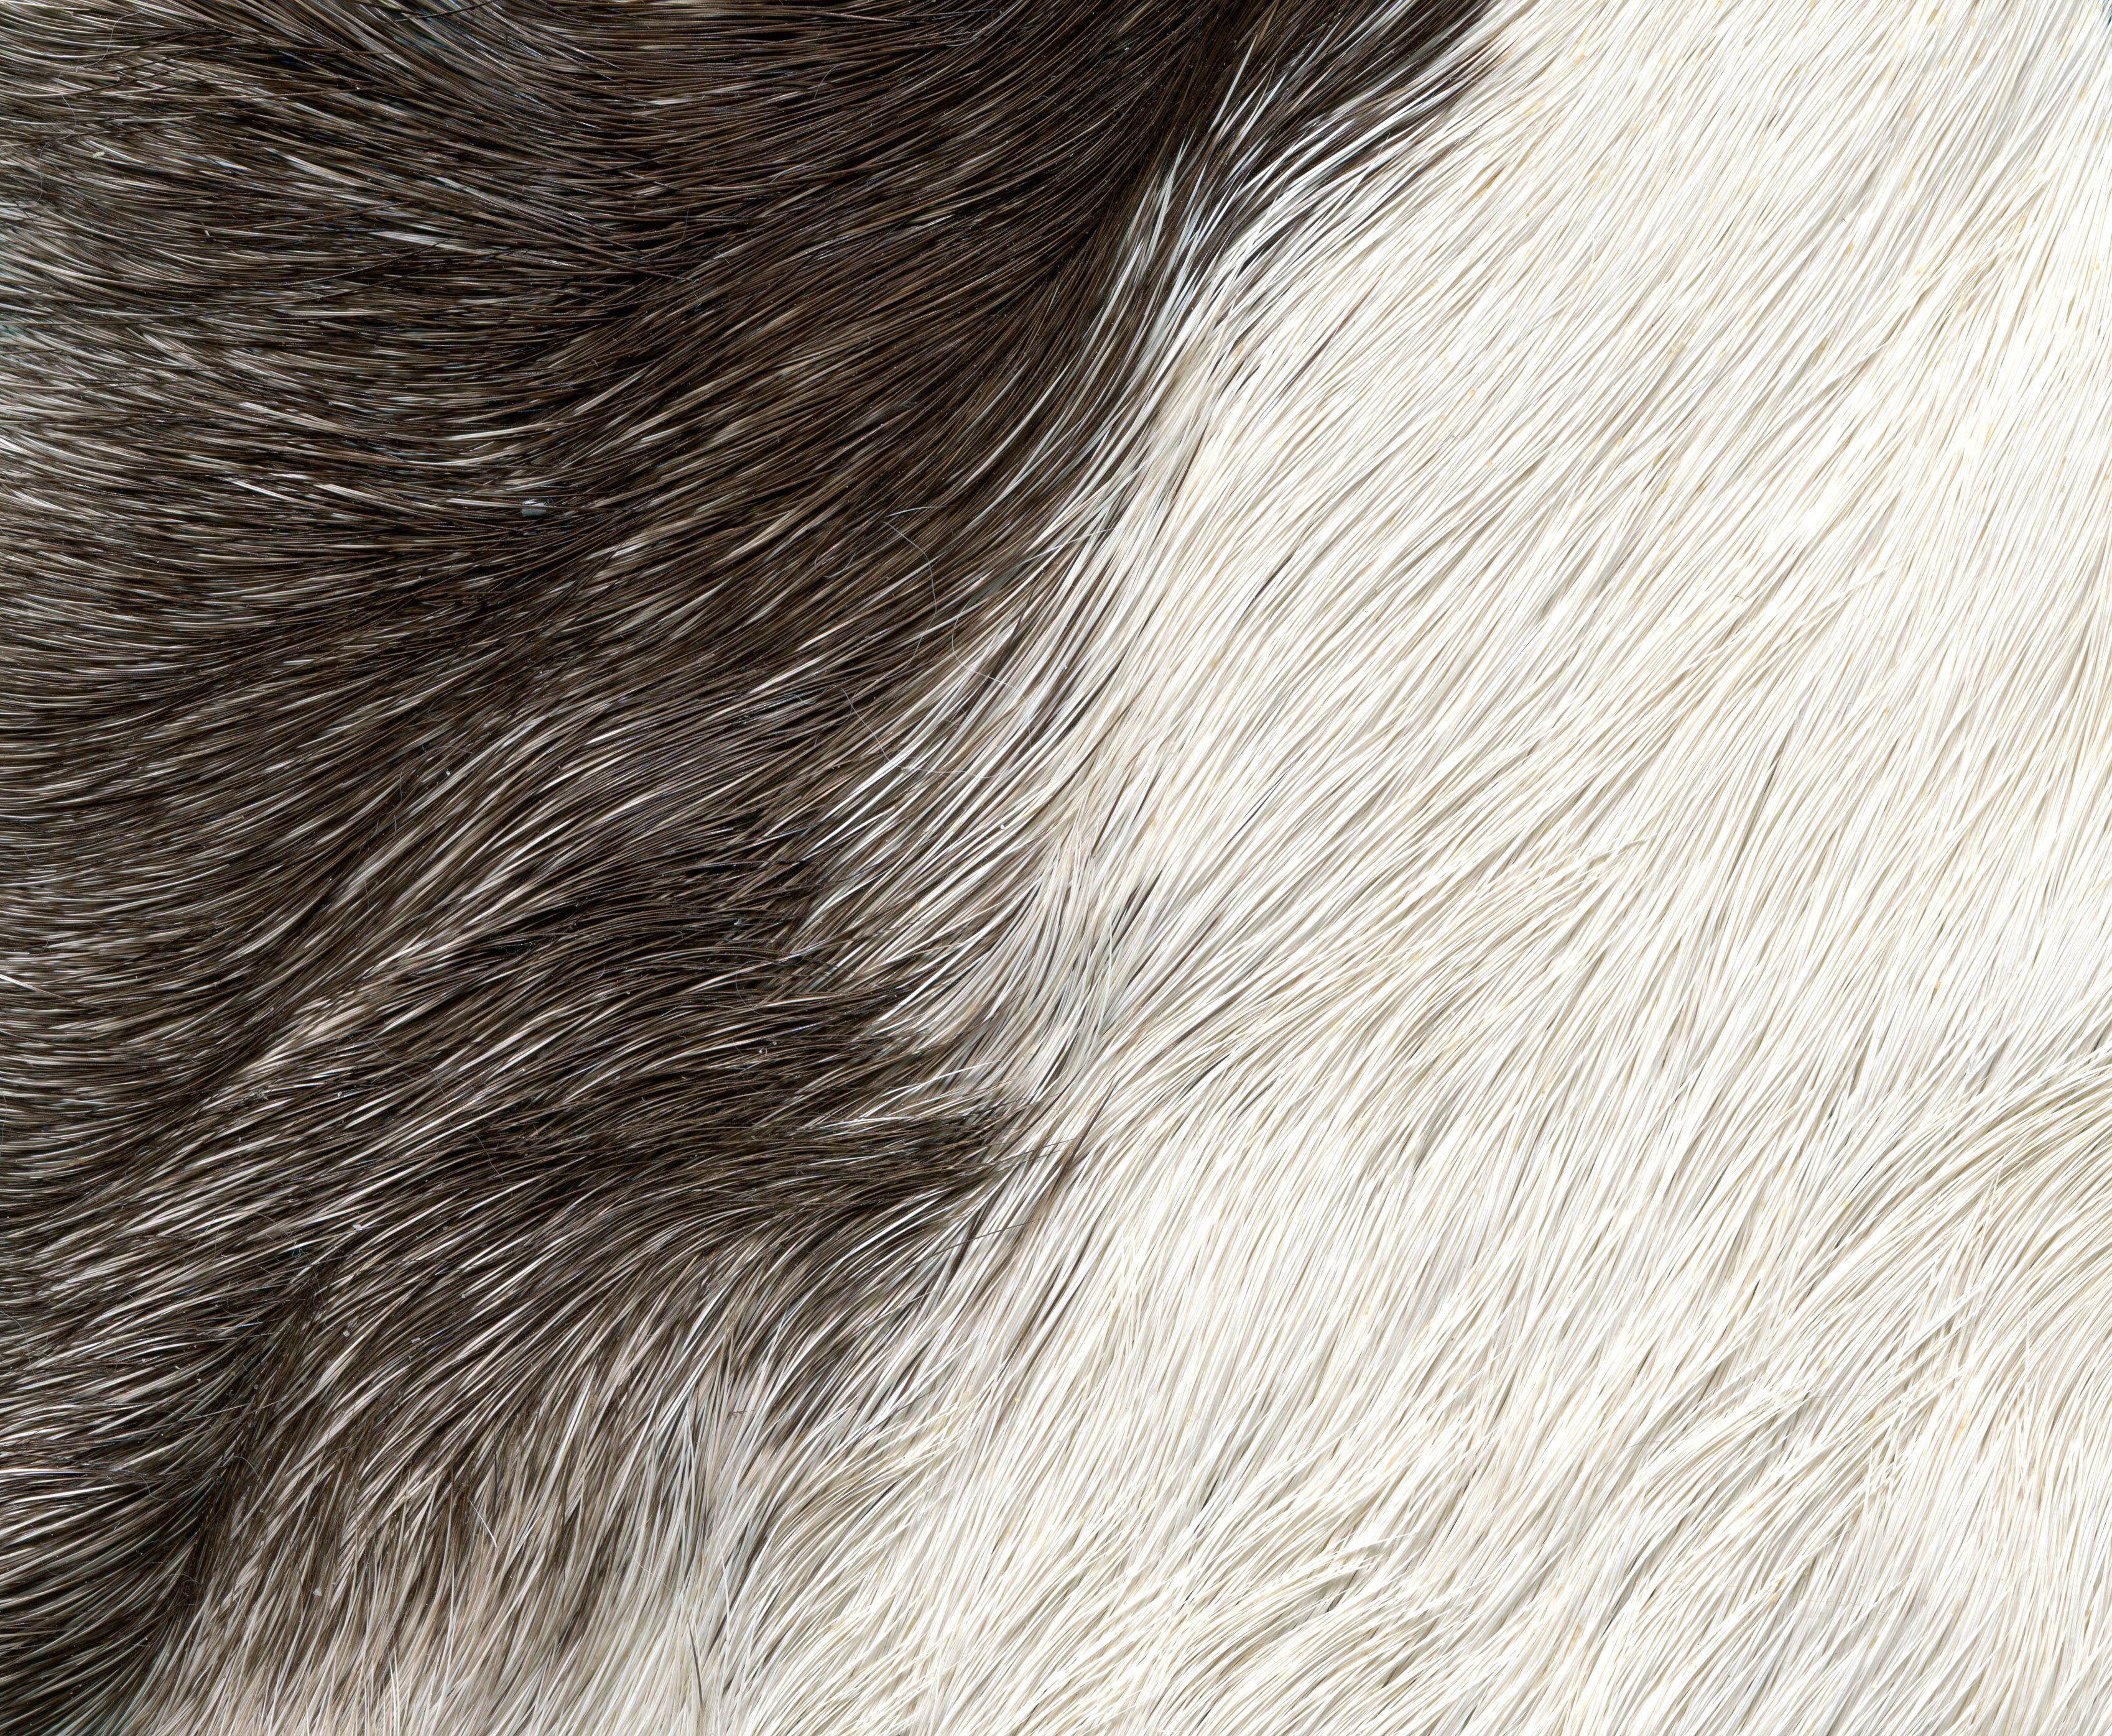 Fur Texture Texture drawing, Fur textures, Texture art